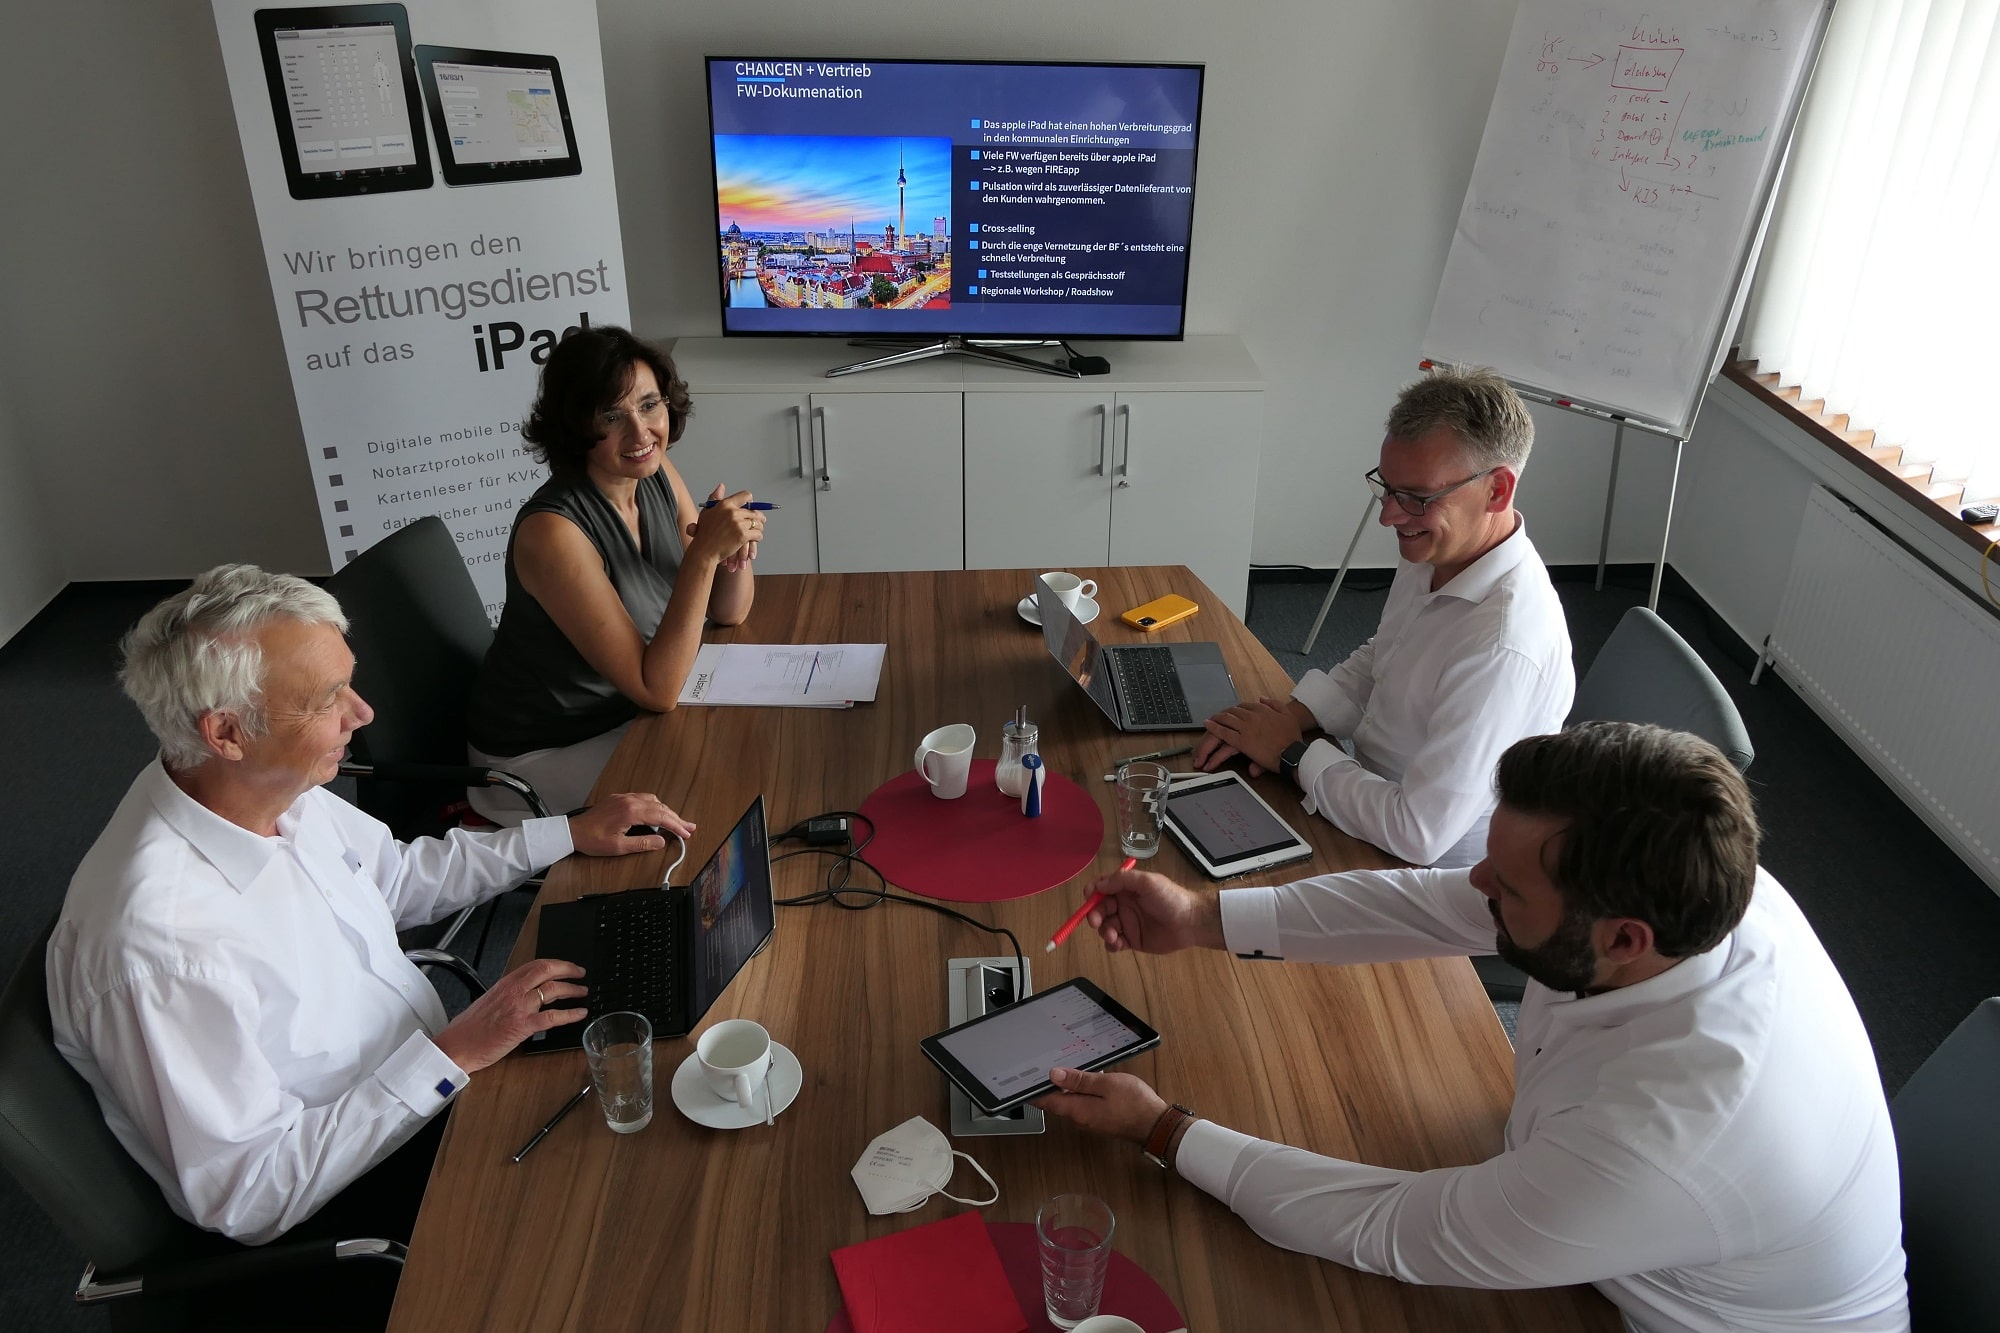 Forum Family Office Burkhard Wittek am Tisch mit einer Private Equity Beteiligung bei einer Besprechung